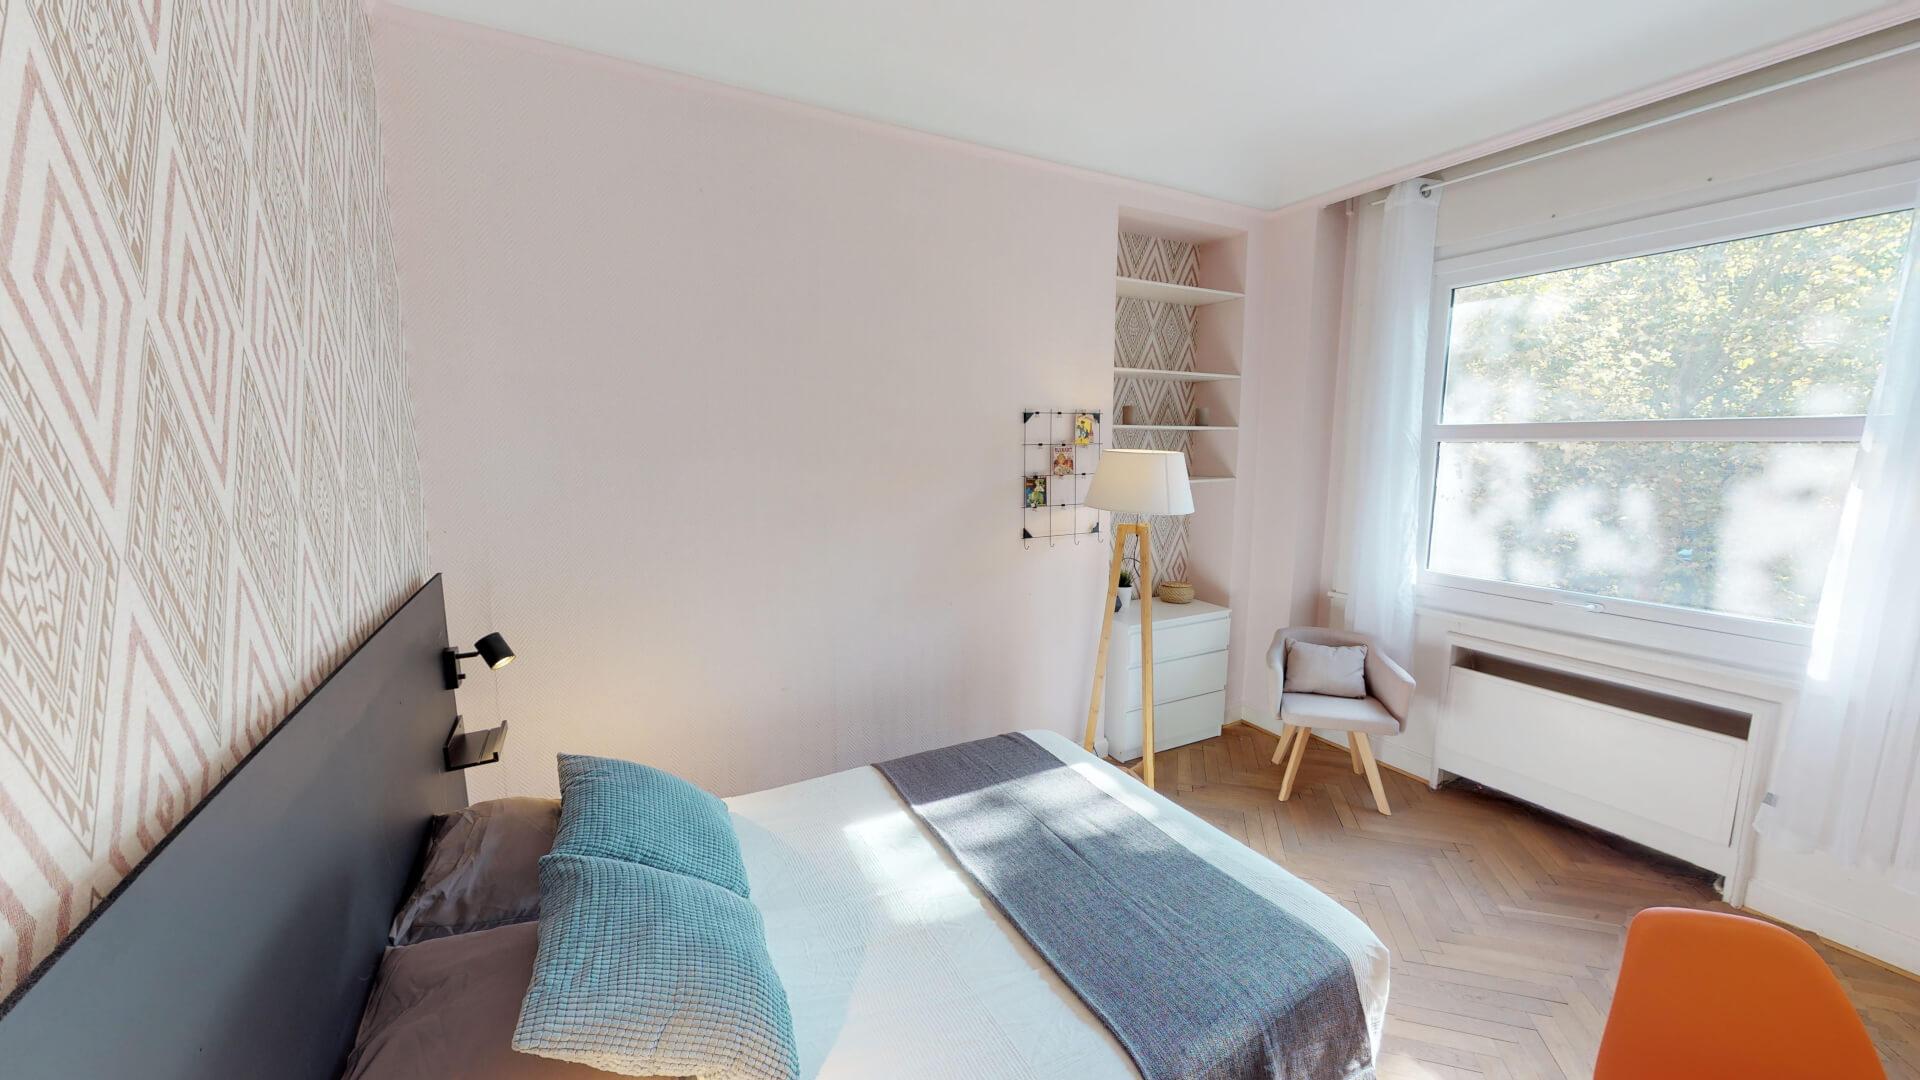 16 Place Du Marechal Leclerc Colocation Meublee A Lille Chez